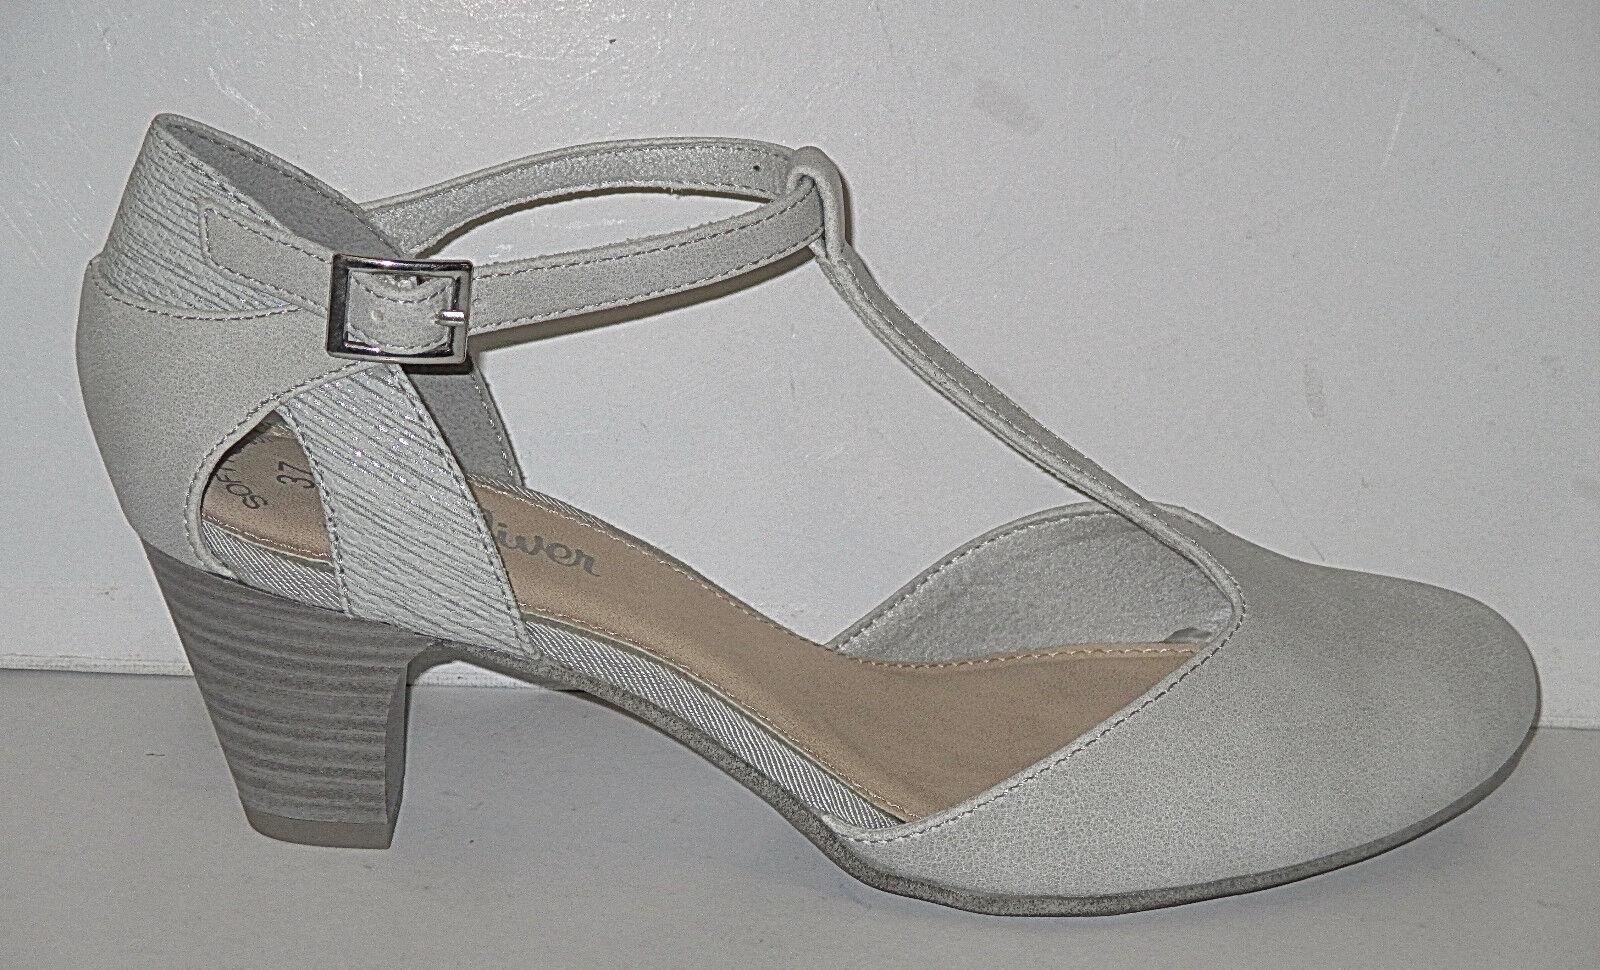 S.Oliver  24400-20 Schuhe Damen Schuhe Spangenpumps, Gr. 36-41, Art. 24400-20  +++NEU+++ b59eba